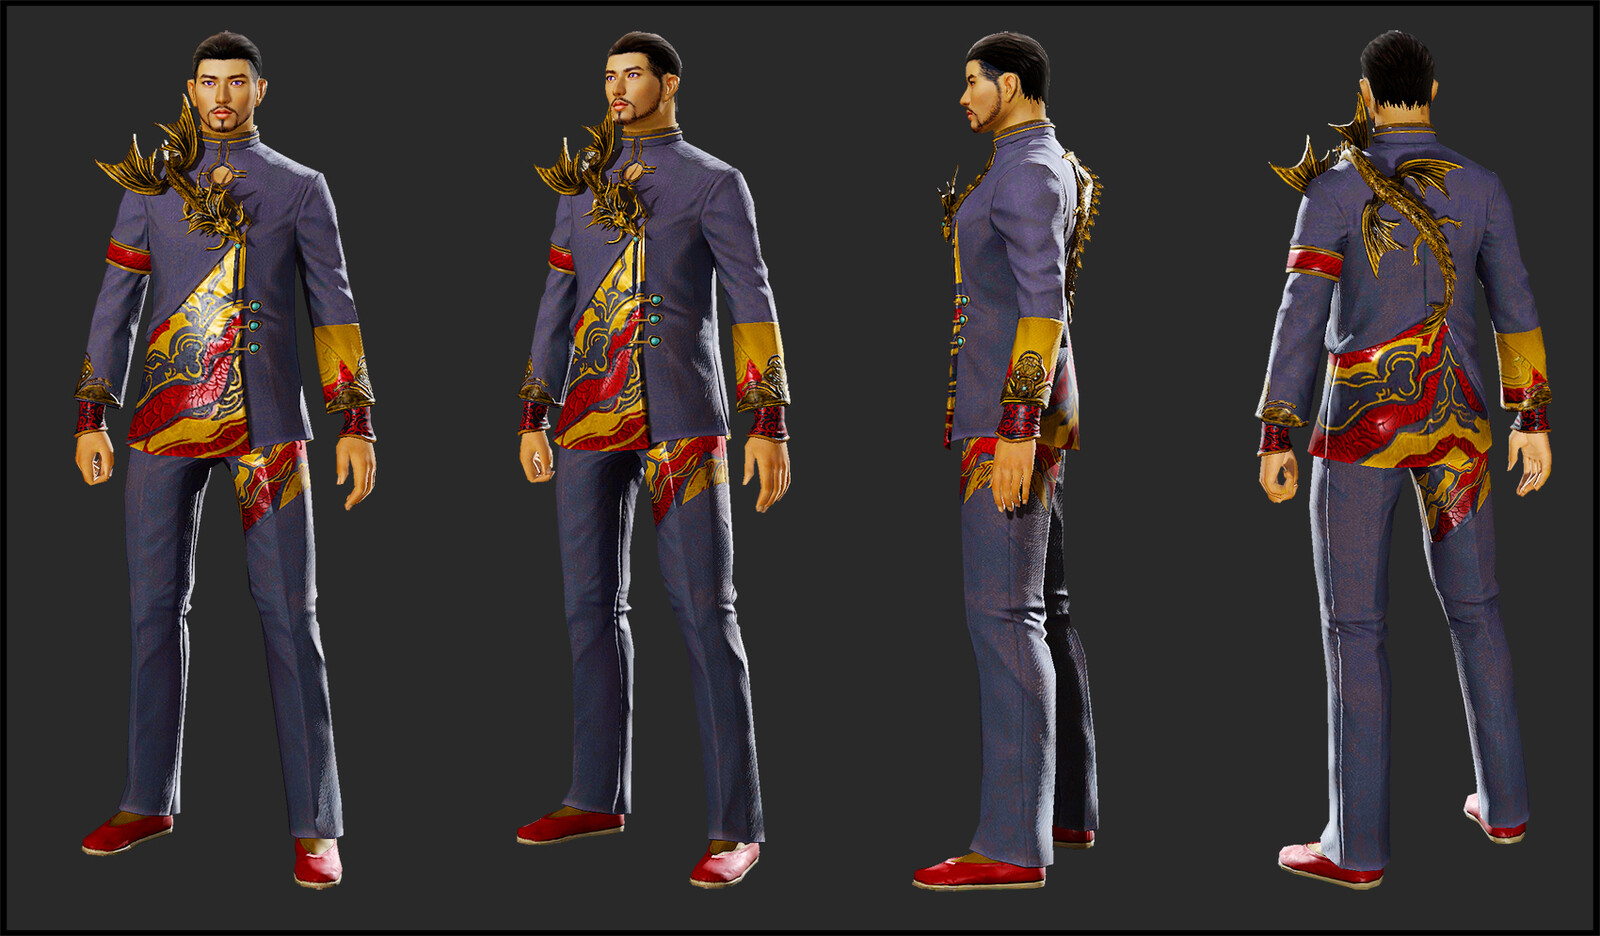 GW2 Outfit, 15,000 tris